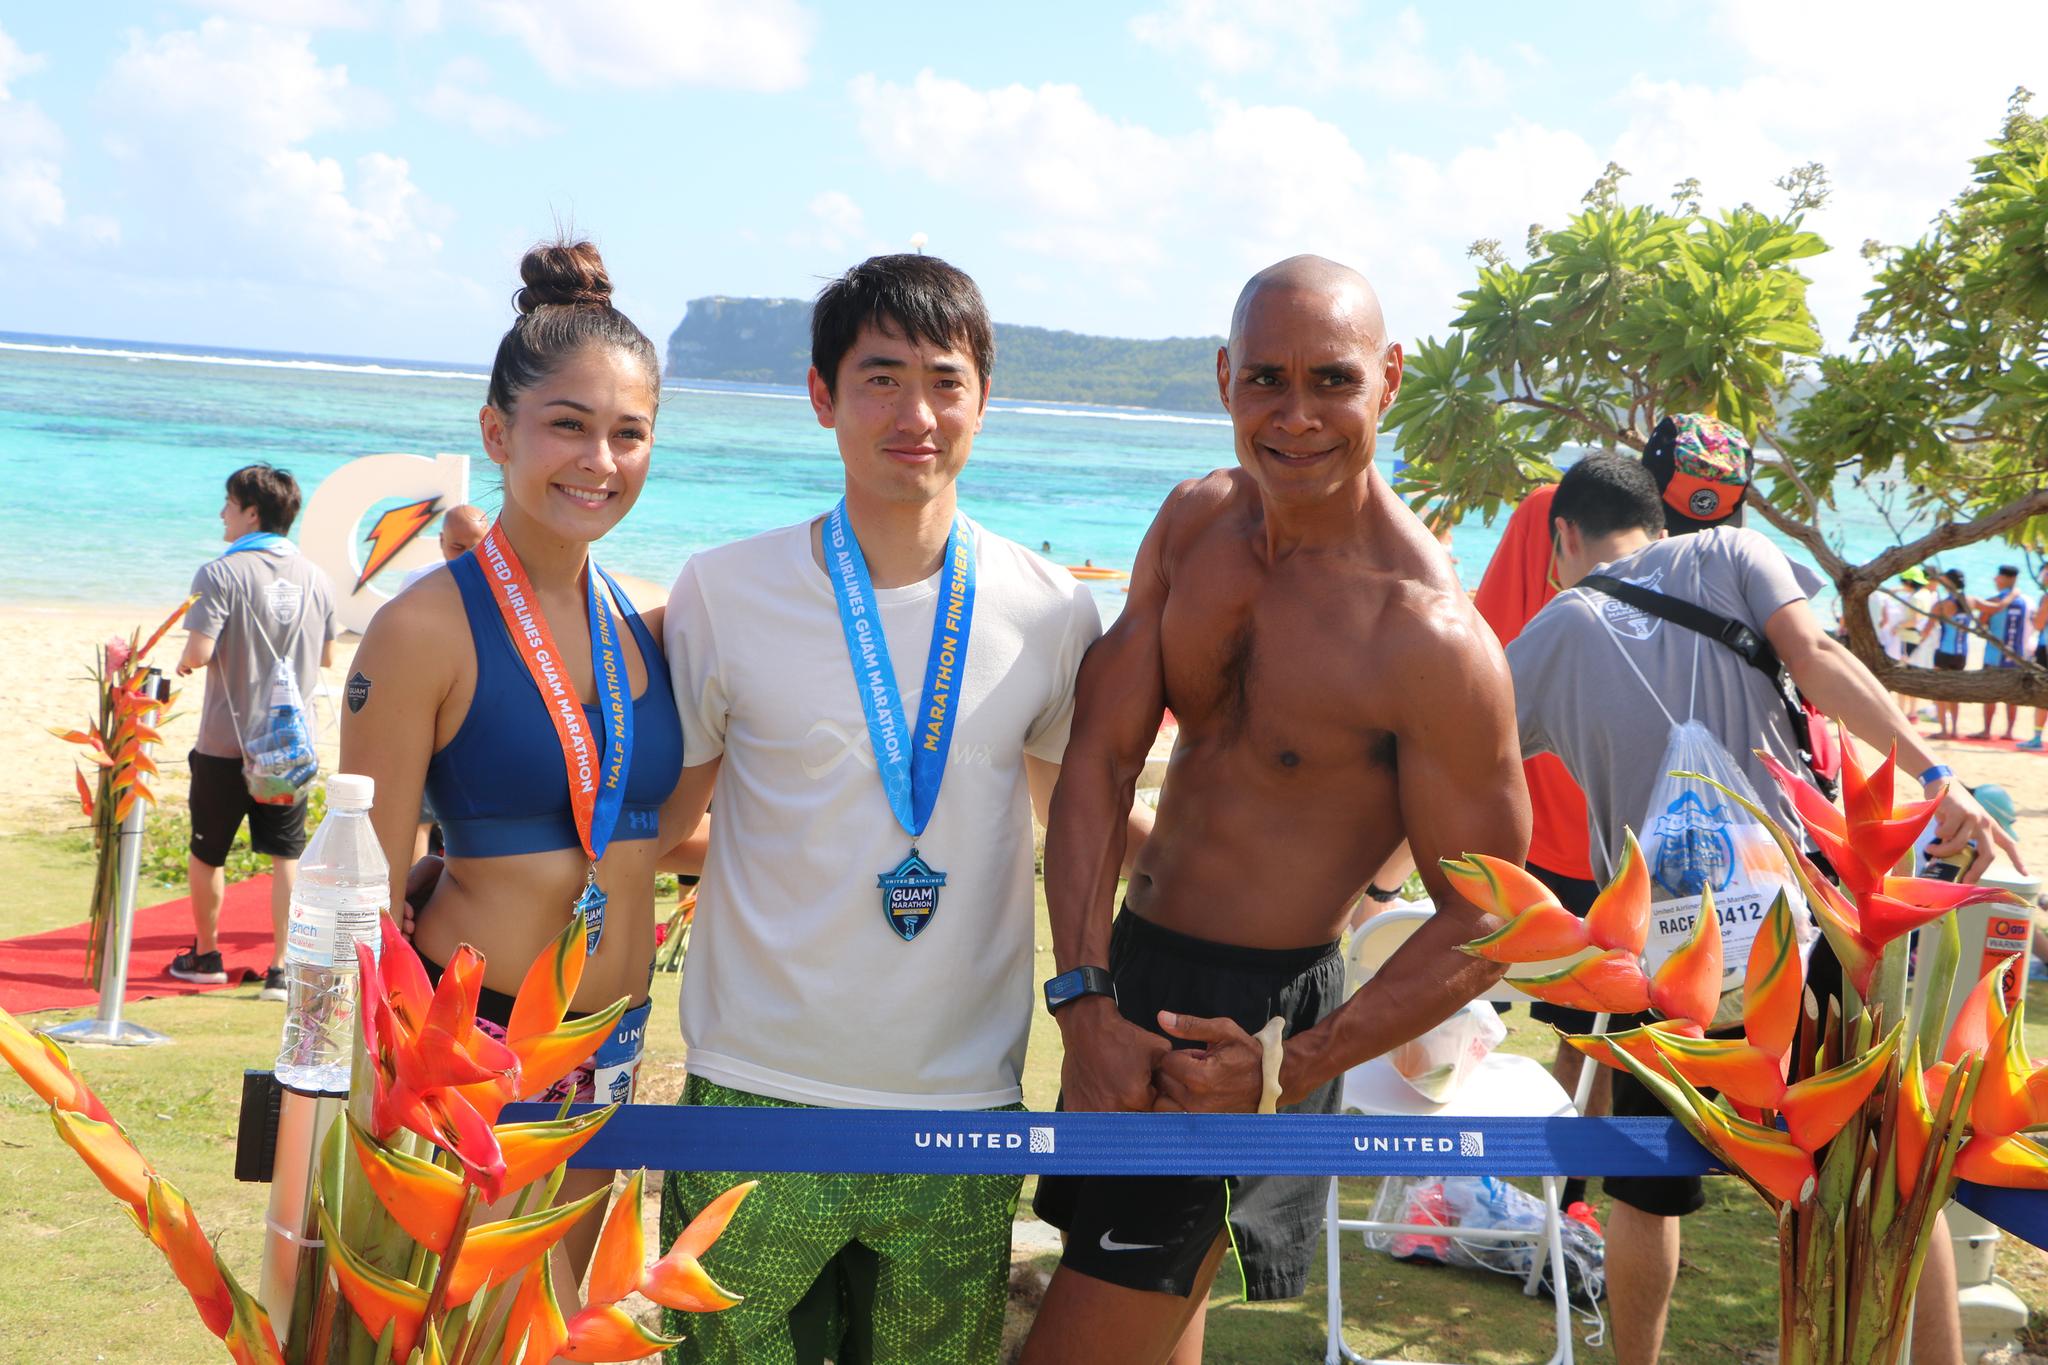 마라톤을 마친 참가자들이 이파오 해변에서 휴식을 취하고 있다. [유나이티드 괌 마라톤]